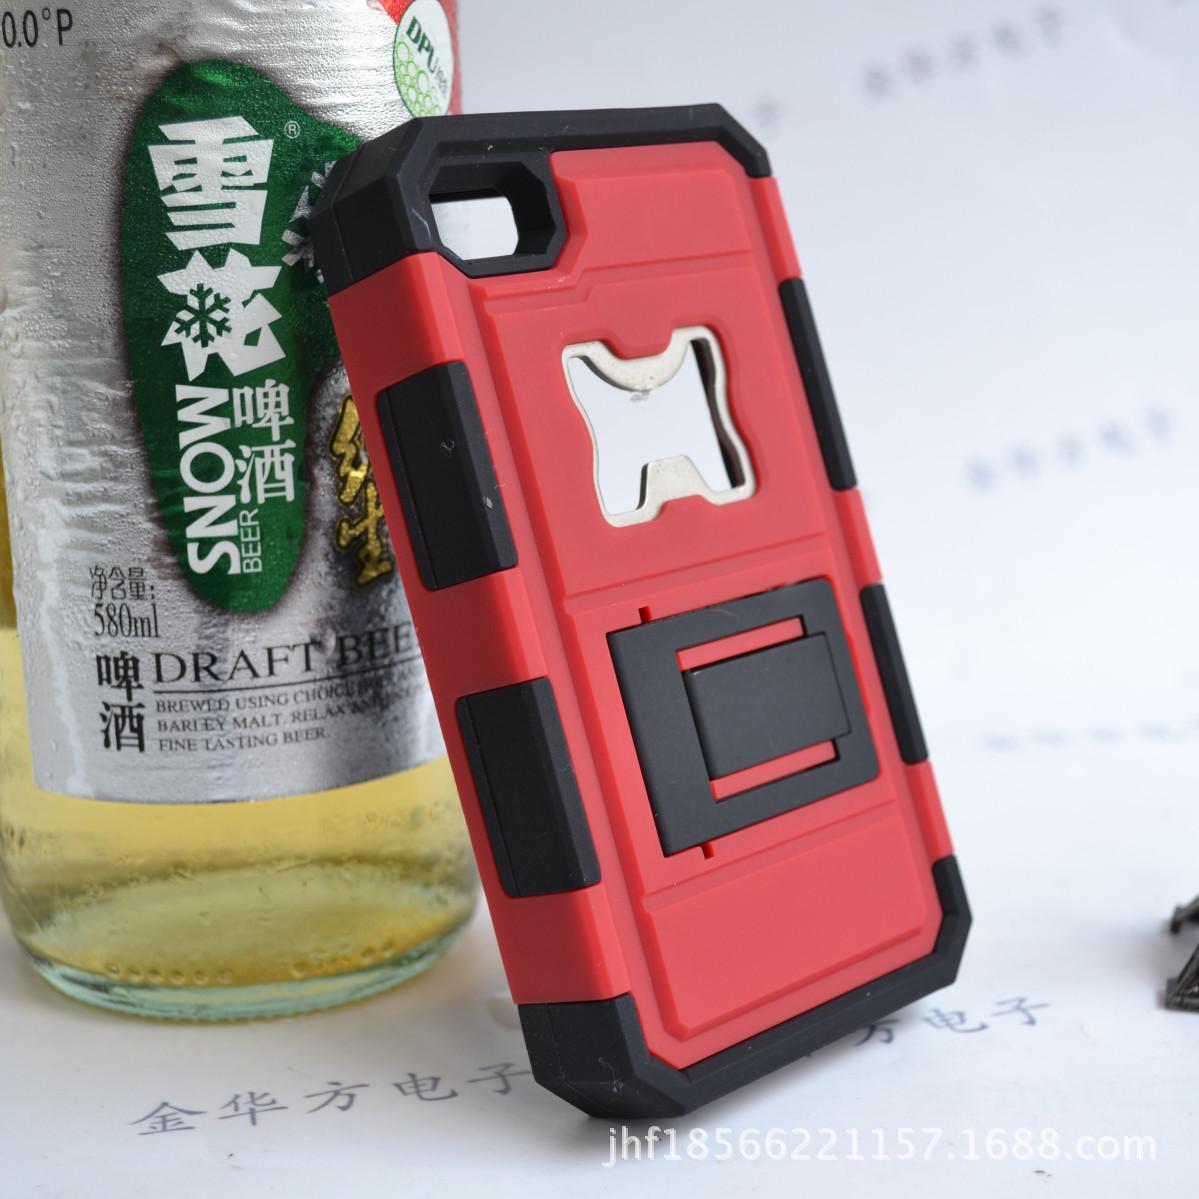 支架手机壳iPhone5/5s4/4s开瓶器苹果手机壳座管夹34.9mm图片